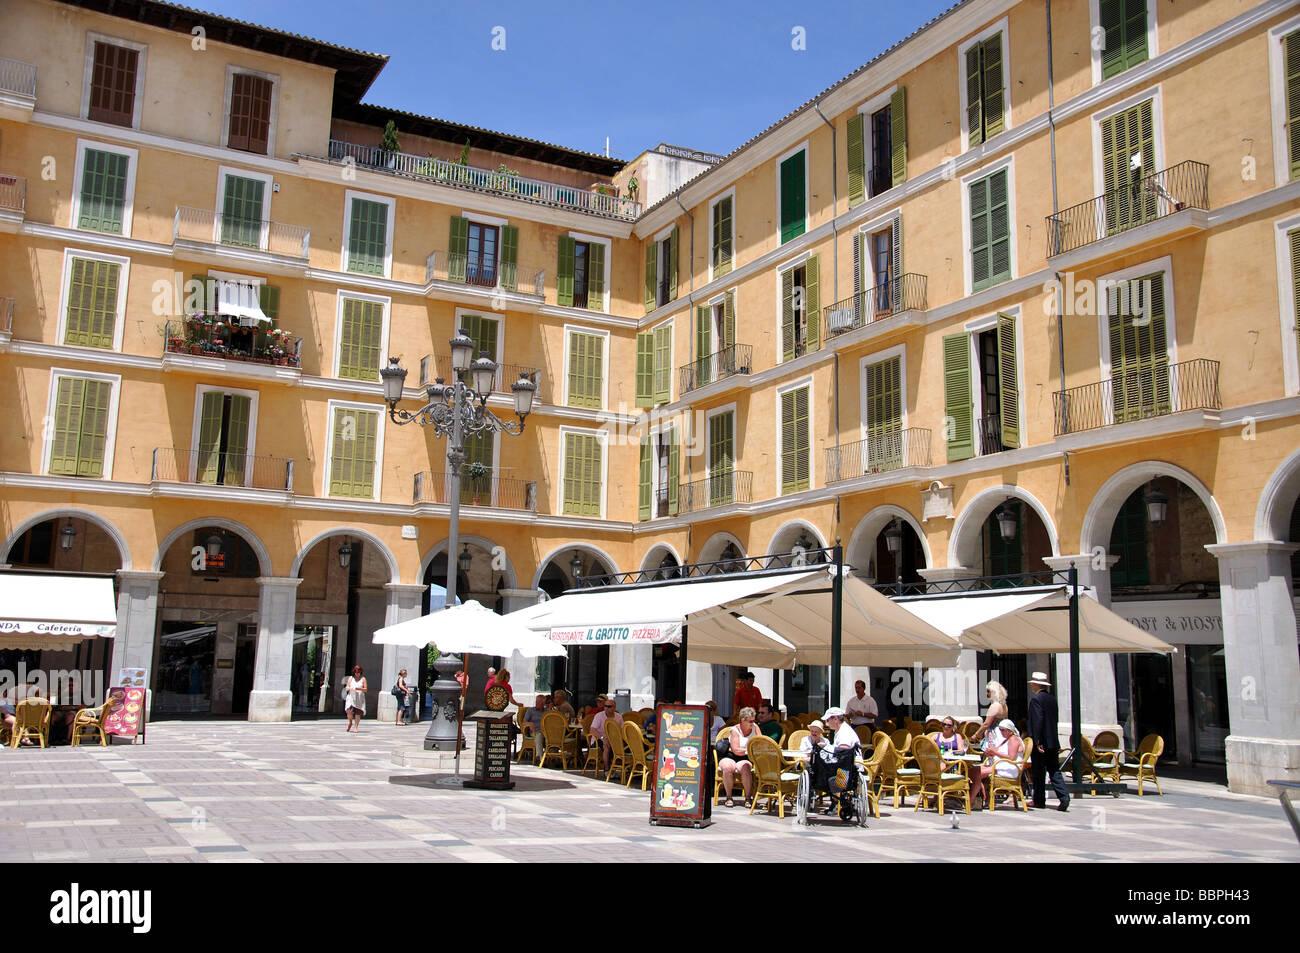 Marktstände, Placa Major, Palma De Mallorca, Palma Stadt, Mallorca, Balearen, Spanien Stockfoto